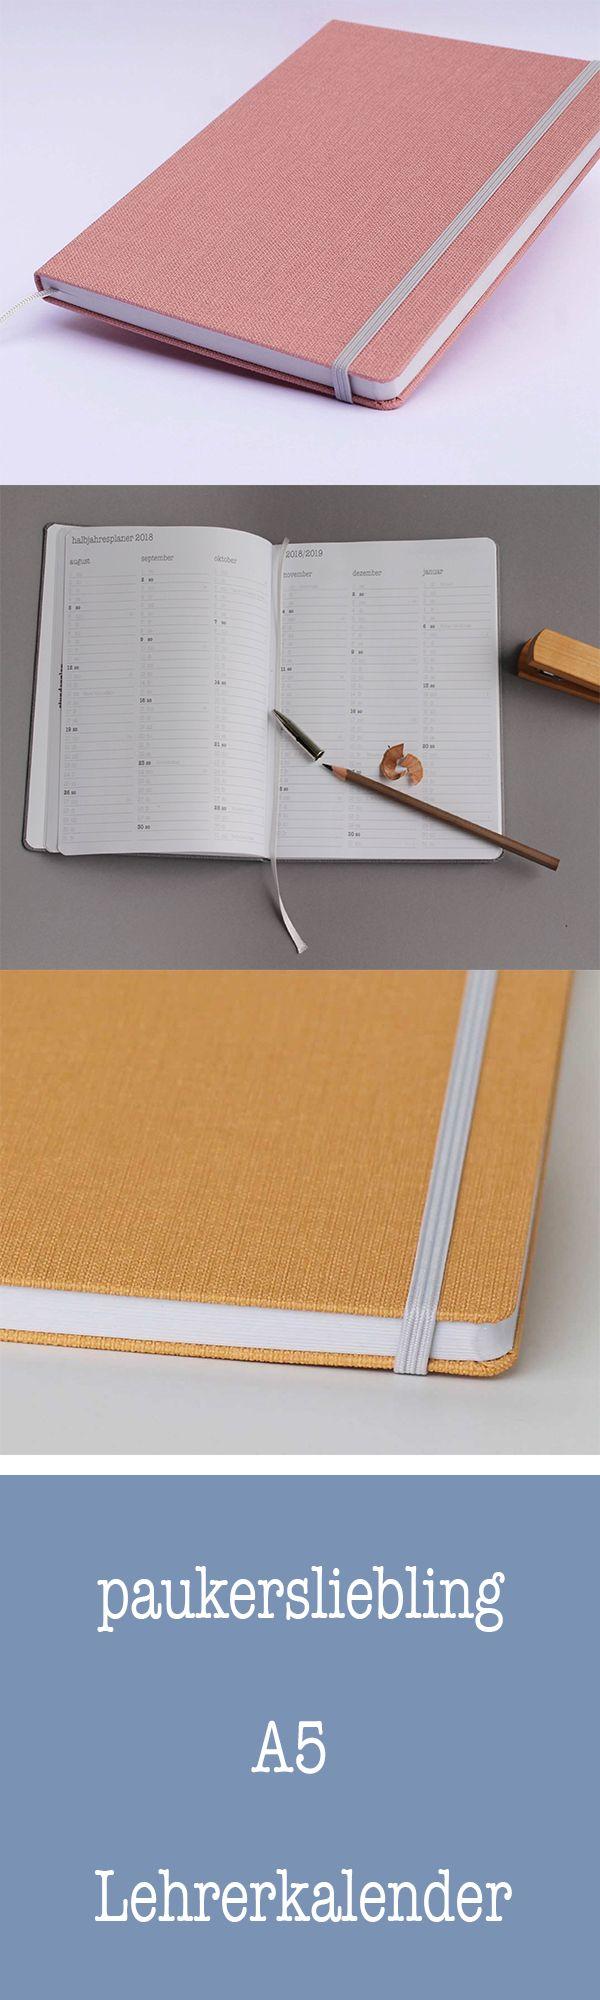 Schöner und gut strukturierter Lehrerkalender im handlichen A5 Format. Wir verwenden recyceltes Papier und lassen unsere kompakten Lehrerkalender in Deutschland herstellen, weil wir als junges Label sozial und nachhaltig wirtschaften möchten. In den nächsten Jahren wird es für den Lehrerbedarf noch weitere schöne Produkte von Paukersliebling geben.